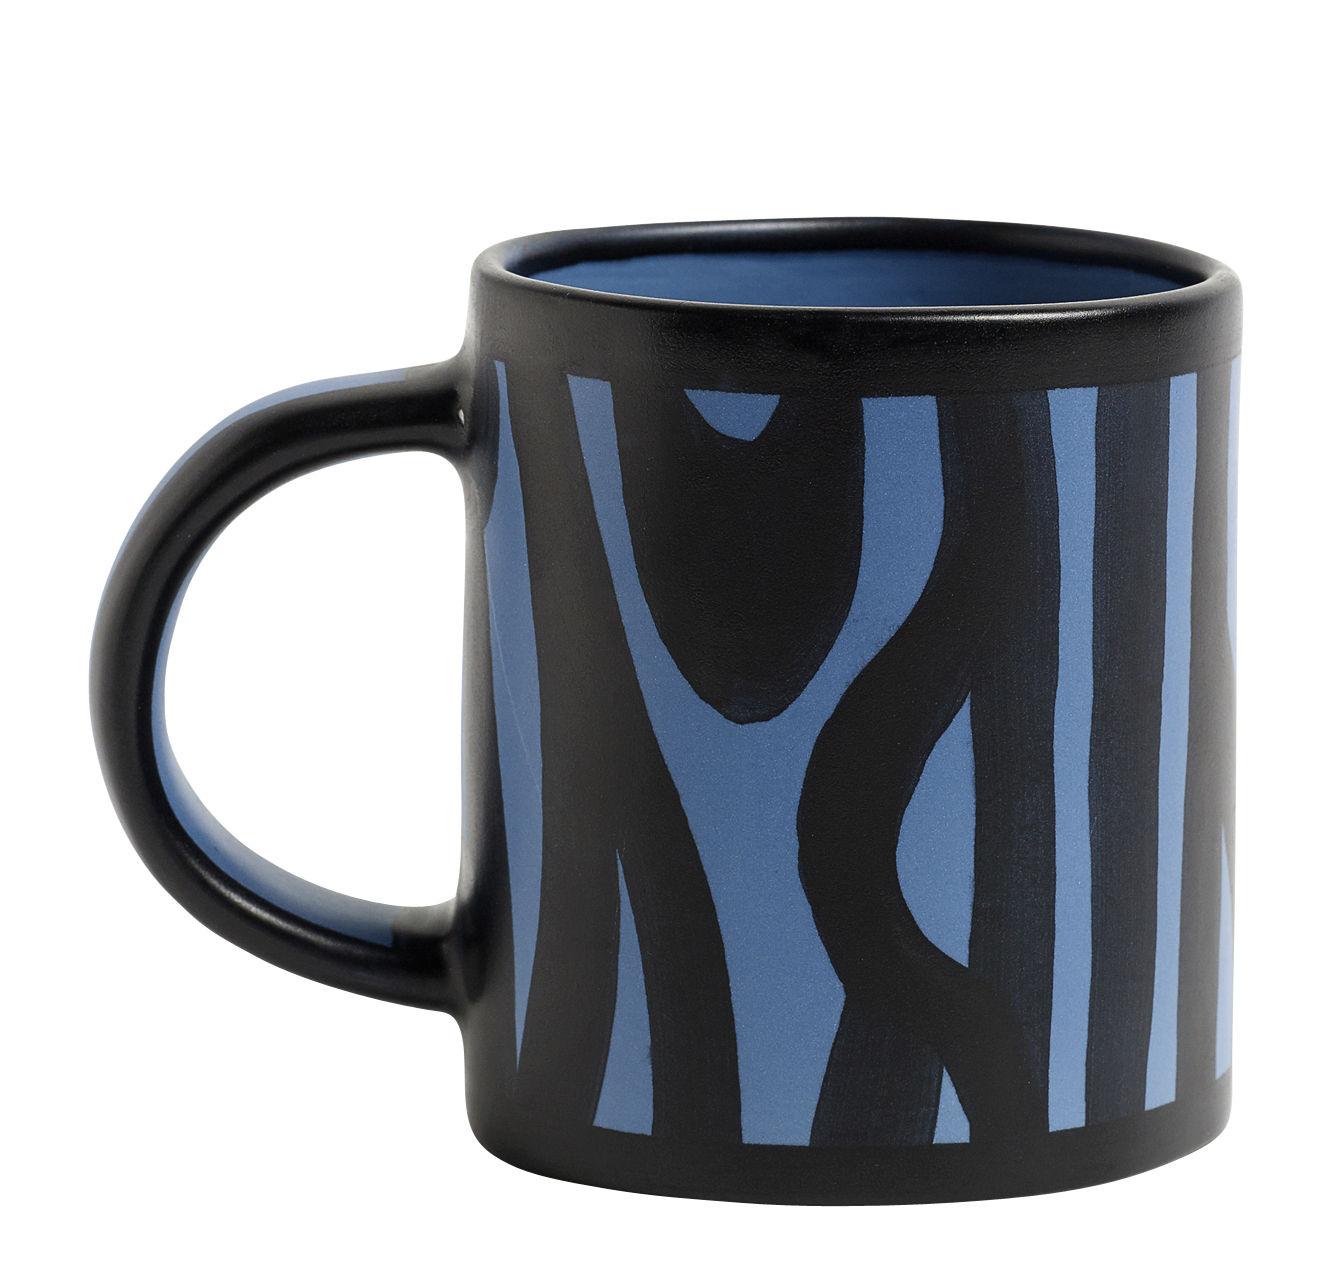 Tableware - Coffee Mugs & Tea Cups - Wood Mug - Hand painted by Hay - Royal blue - Enamelled sandstone